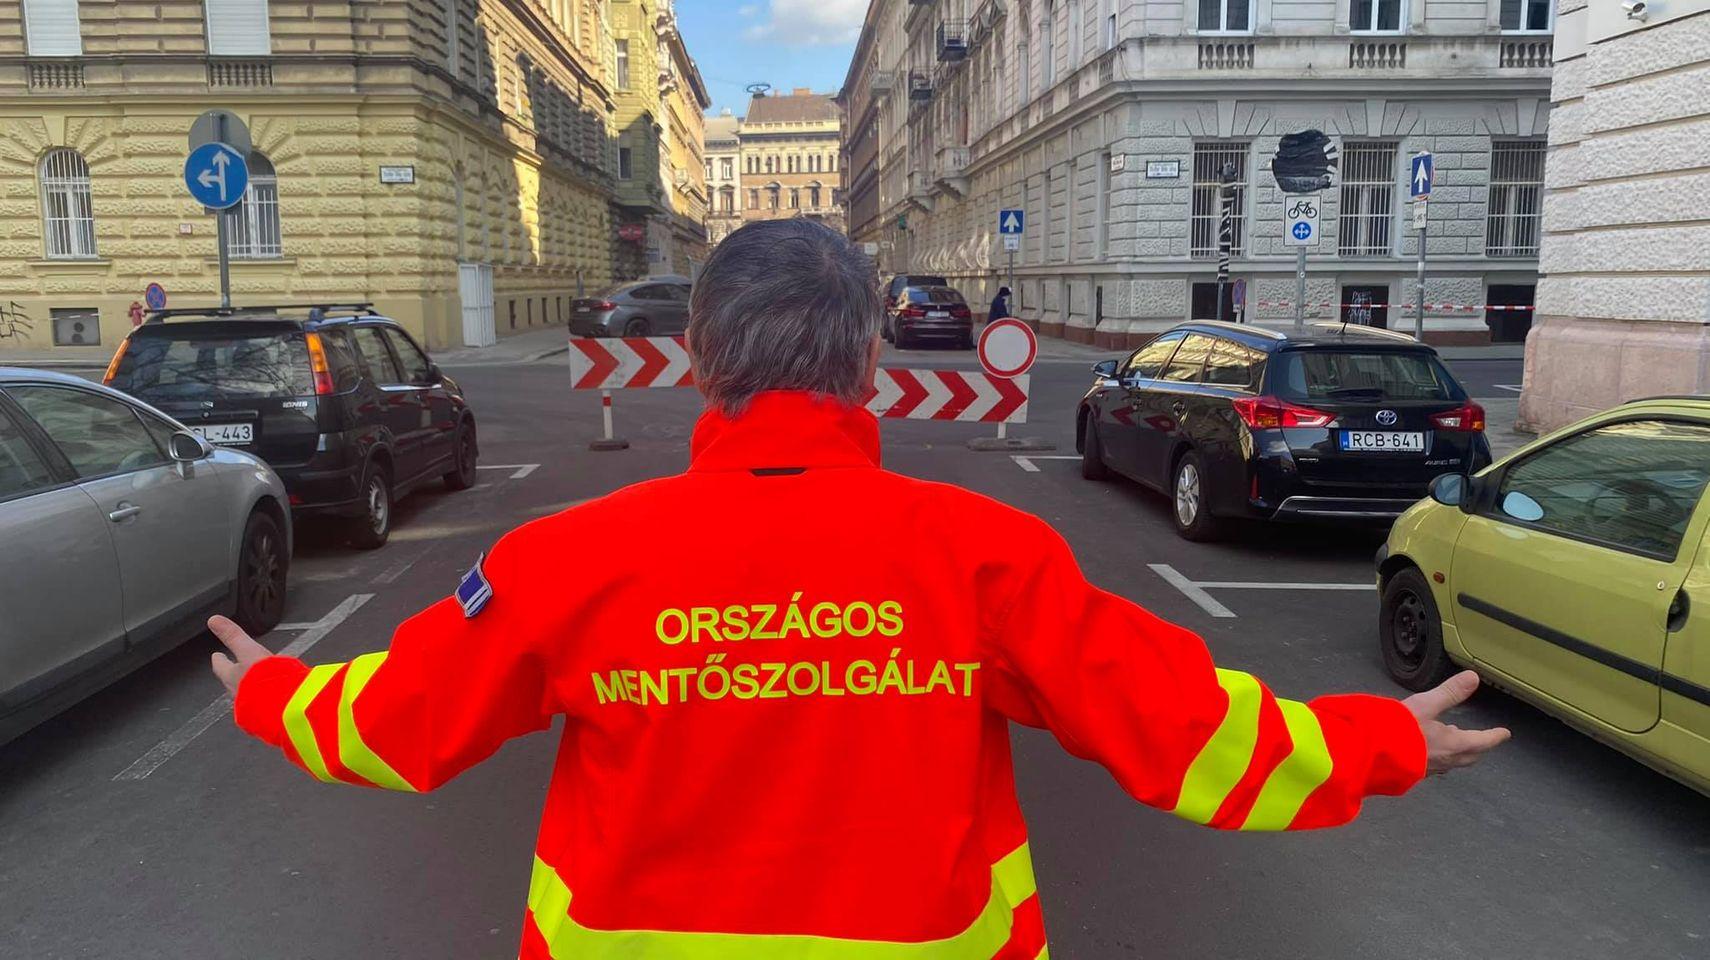 Úttorlasz akadályozza a mentőket a Markó utcai mentőállomásnál